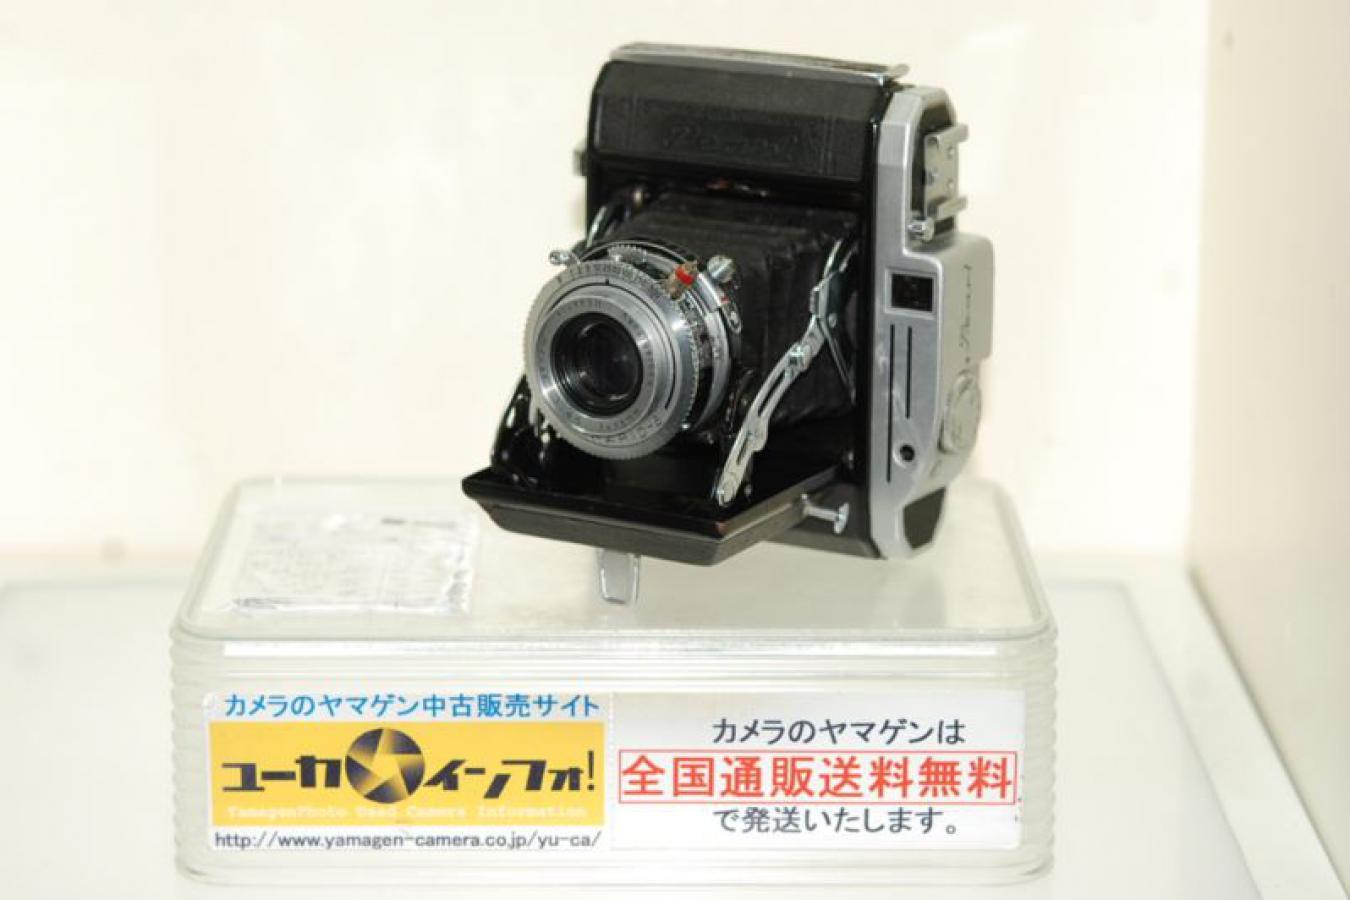 コニカ パールI RS型 【ヘキサー75/4.5レンズ搭載】